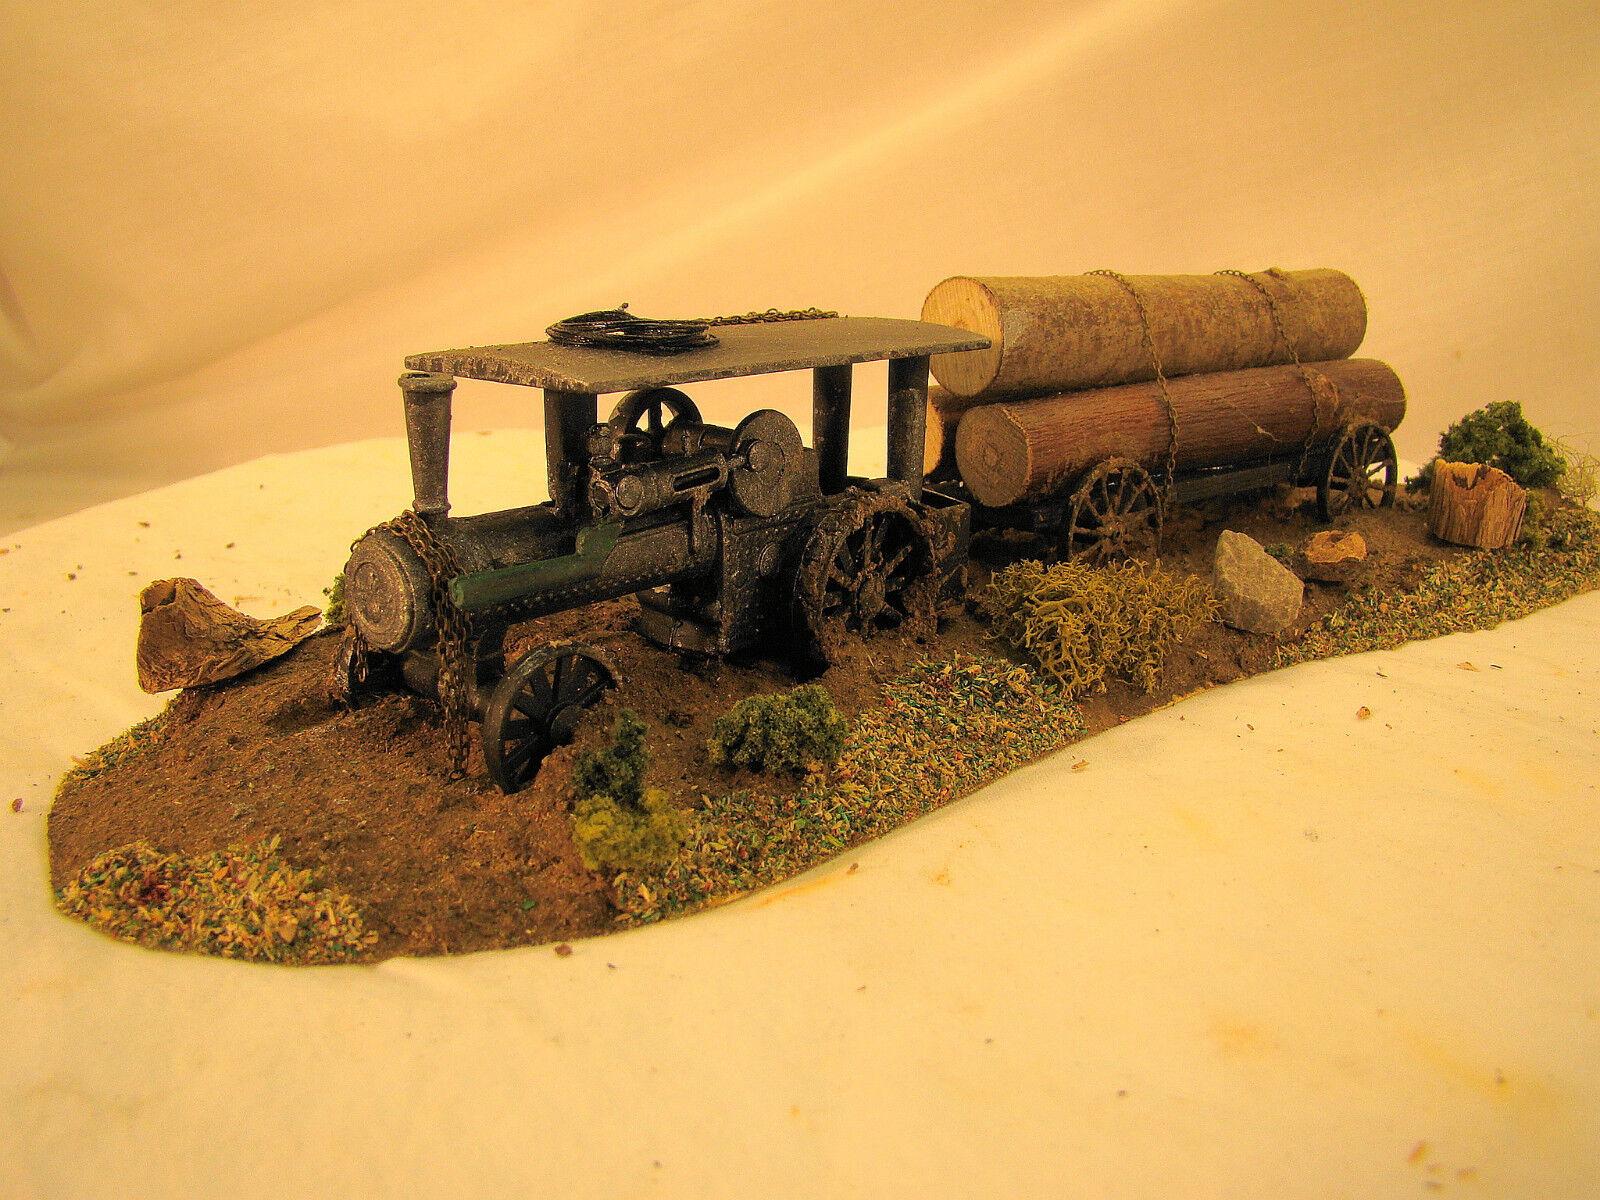 Vapore Trattore Boscaioli Diorama - su Misura Esposto Alle Intemperie - On30